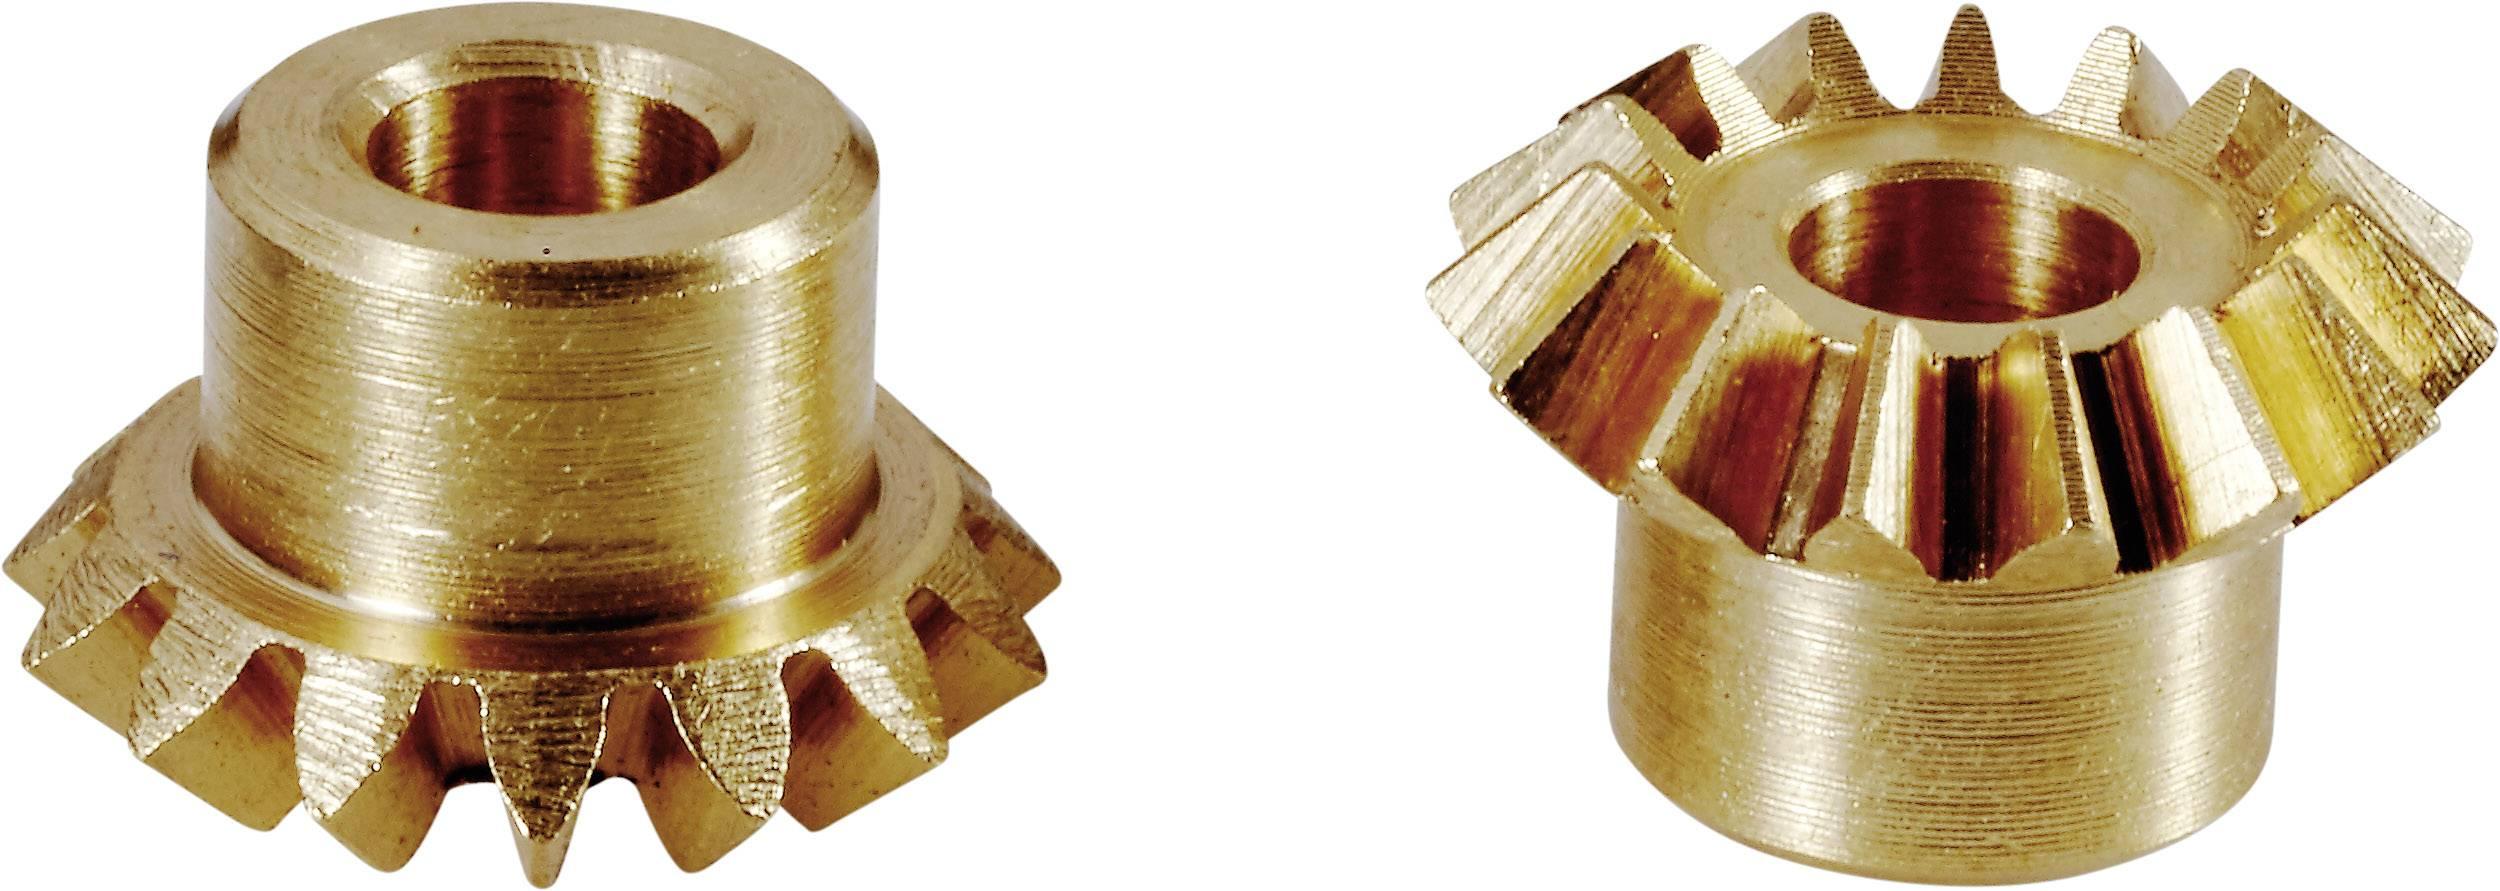 Mosazné ozubené kolo kuželové Modelcraft, M0.75, 20 zubů, 2 ks